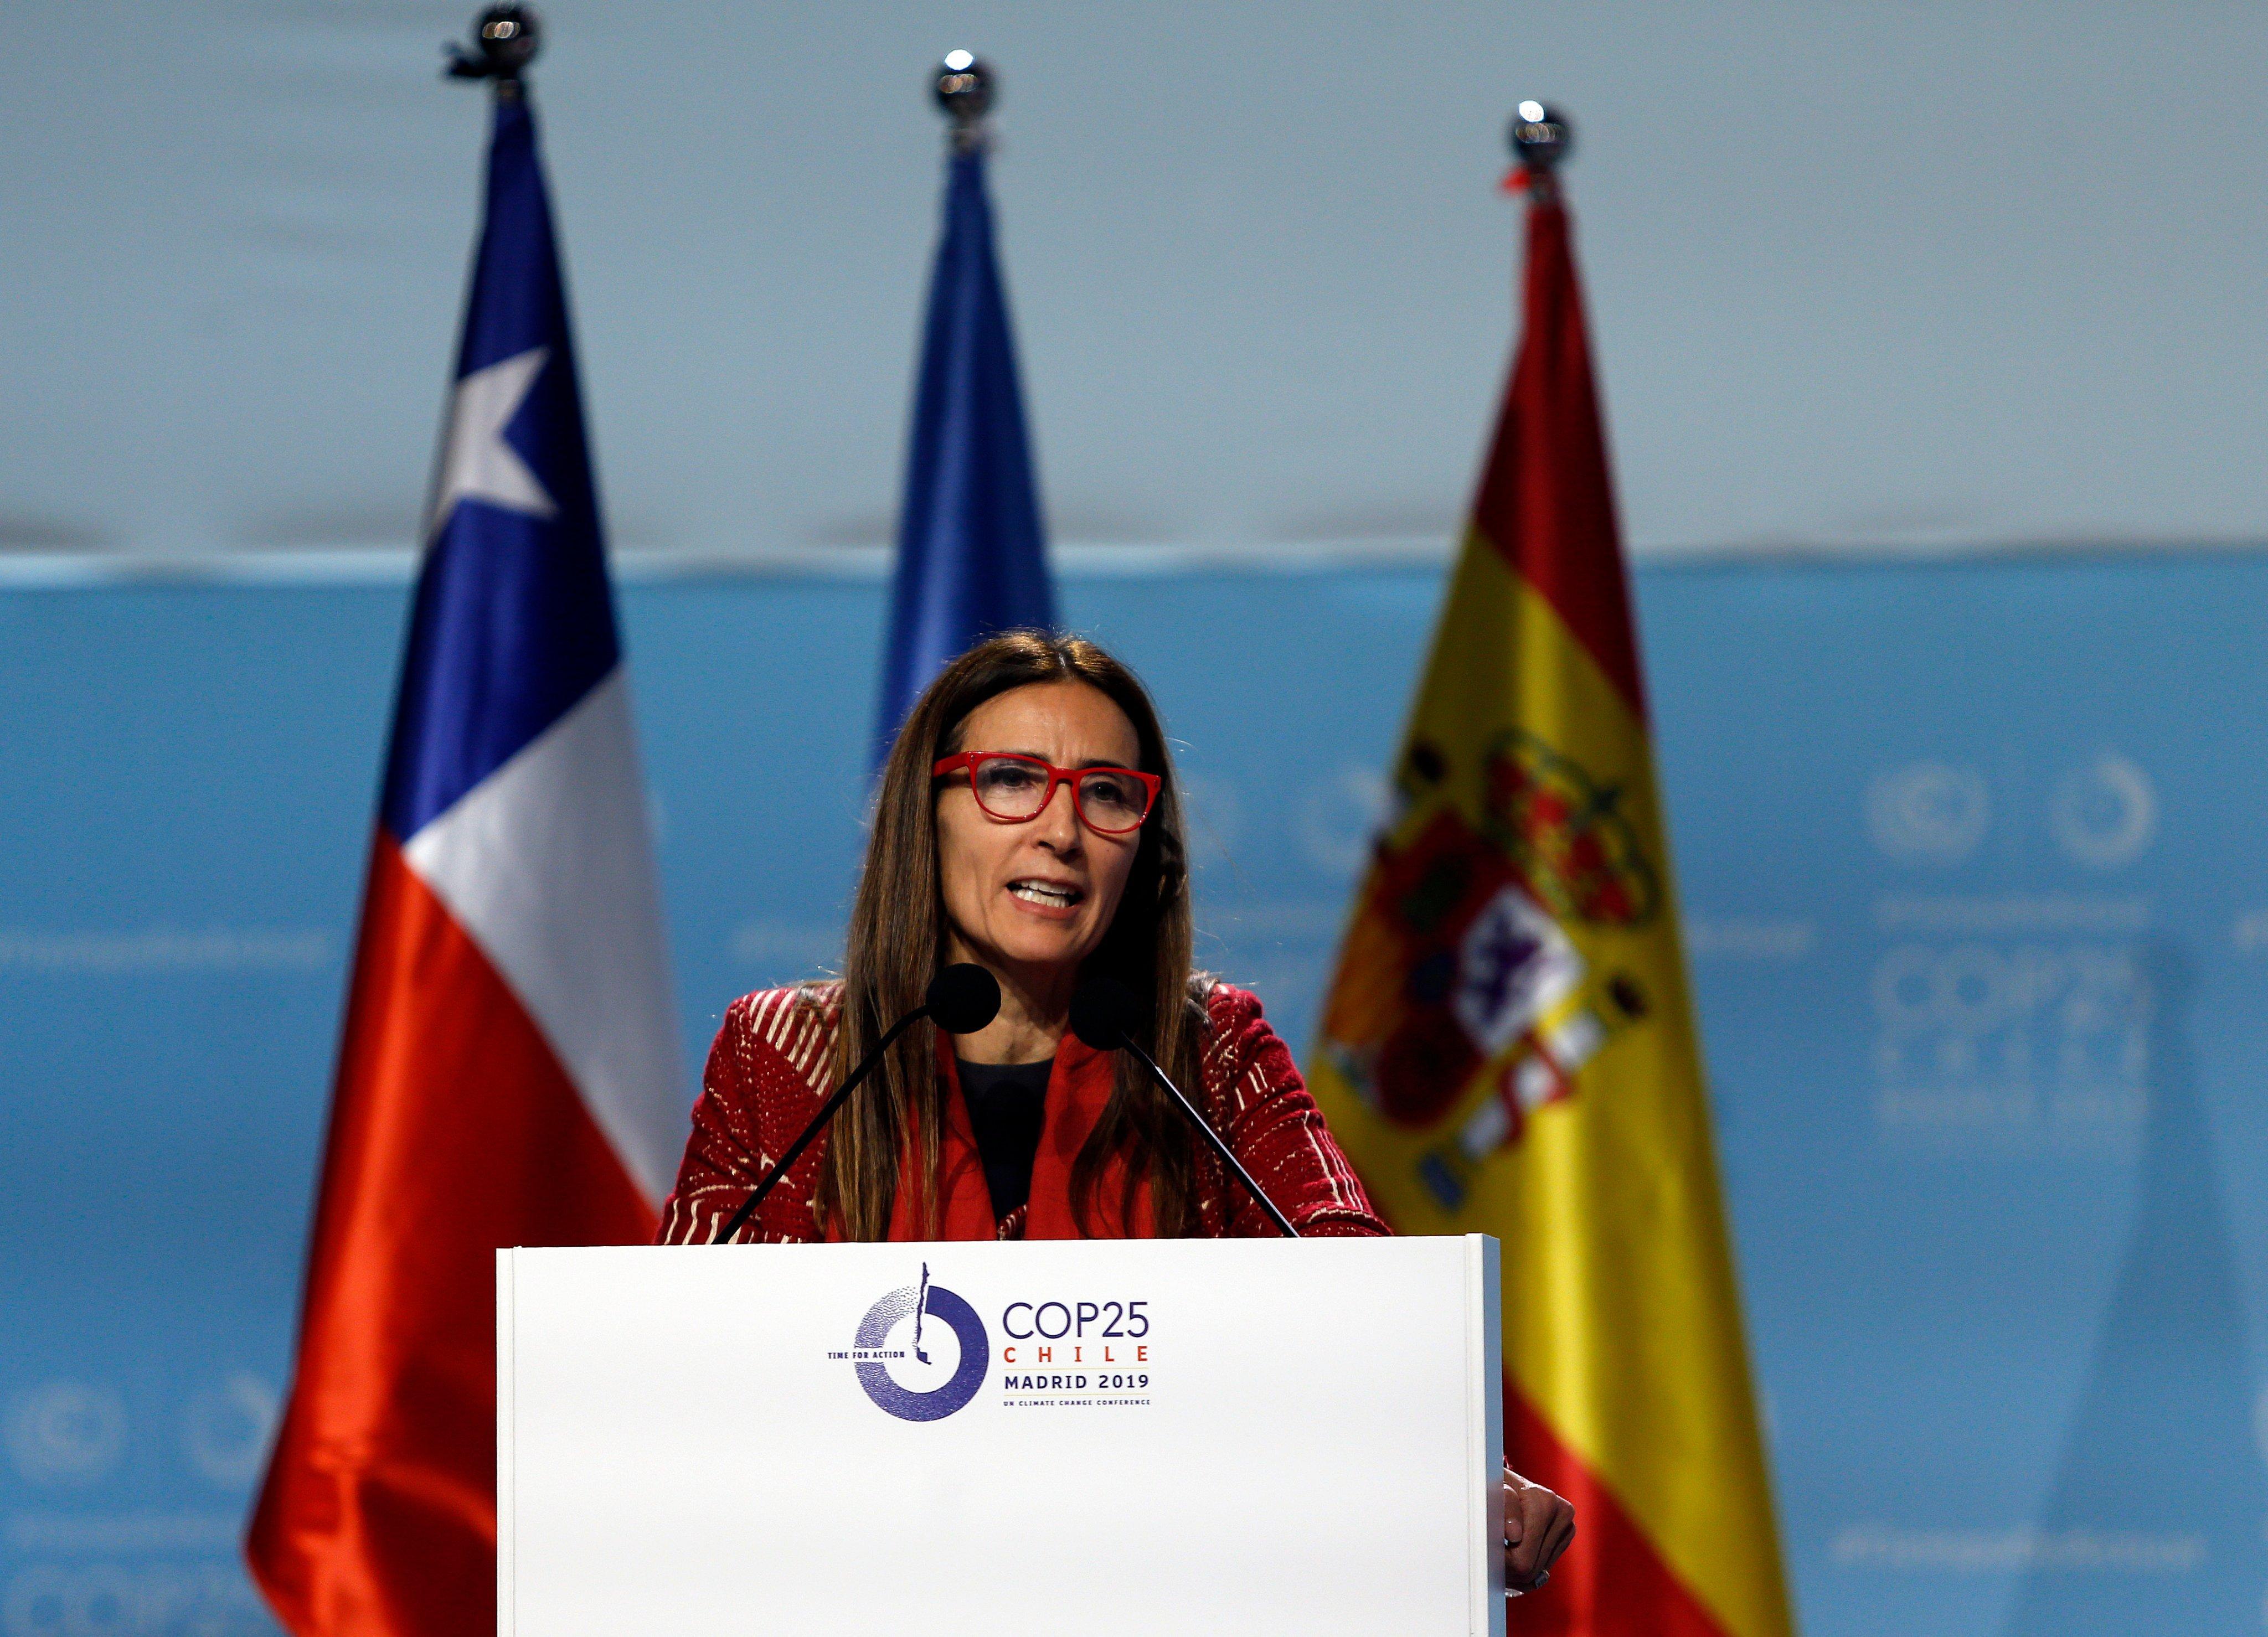 La presidenta de la COP 25, Carolina Schmidt, durante la clausura de la cumbre